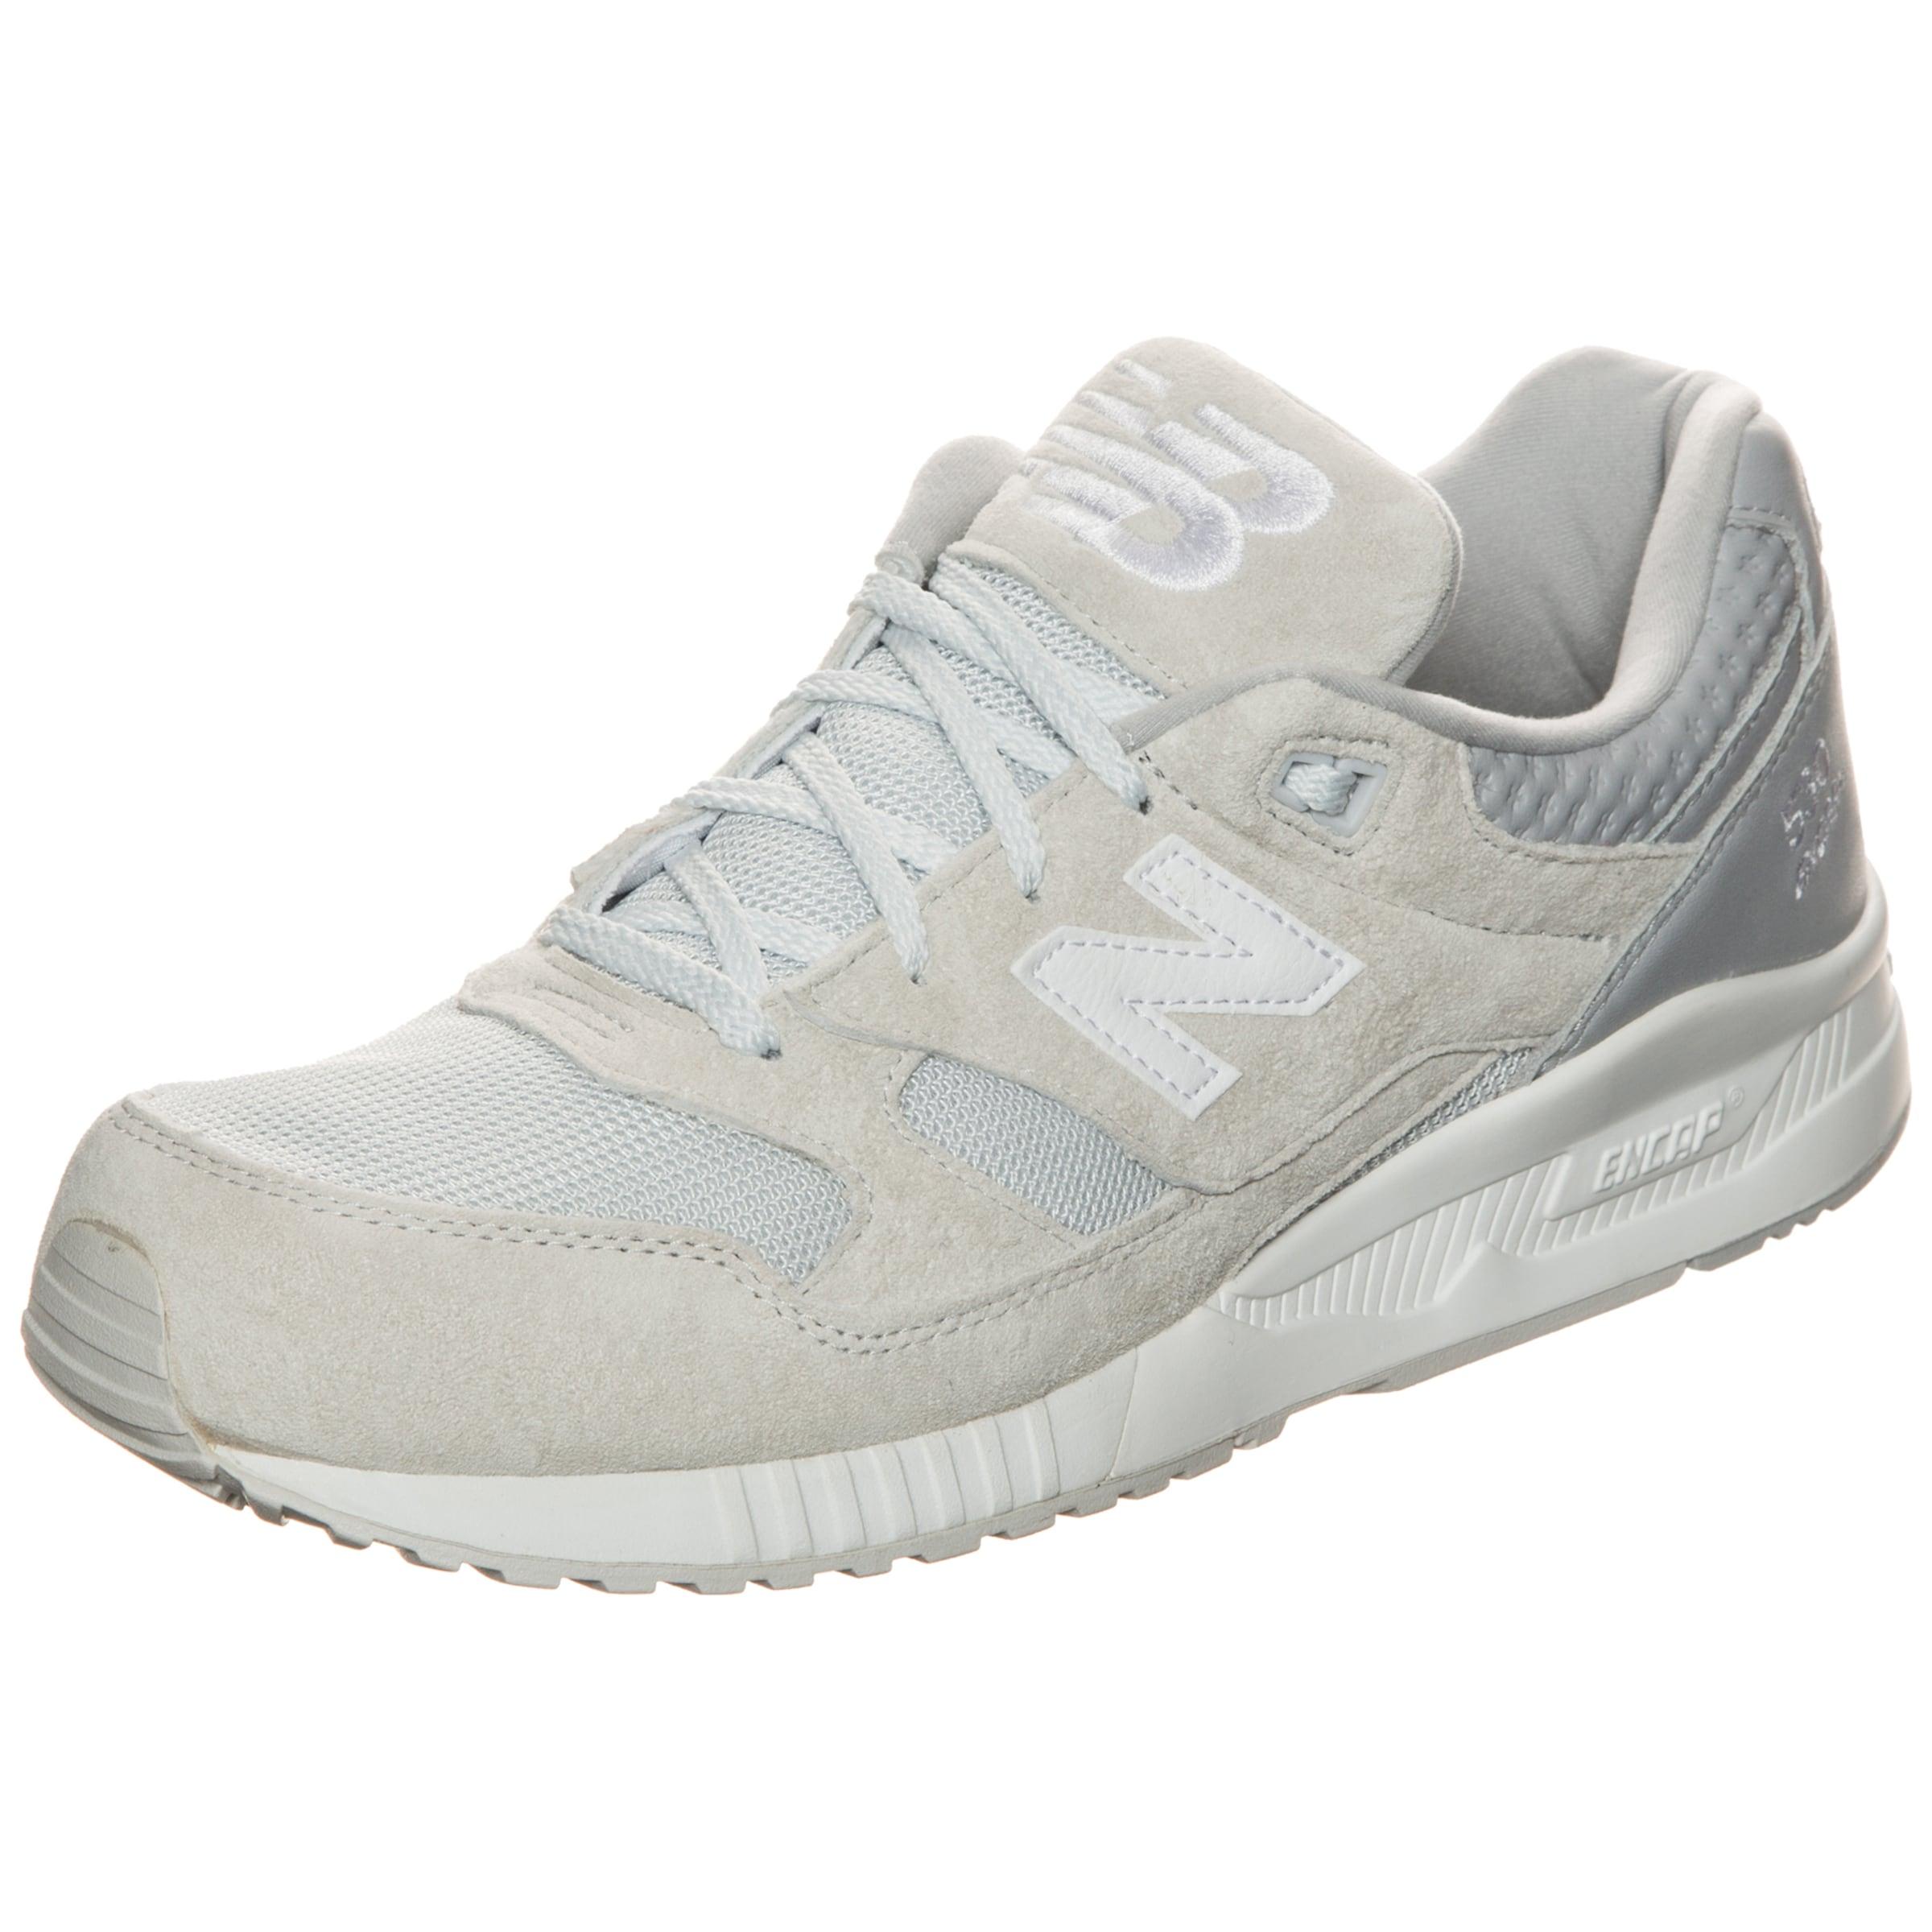 new balance M530-SPD-D Sneaker Herren Hohe Qualität